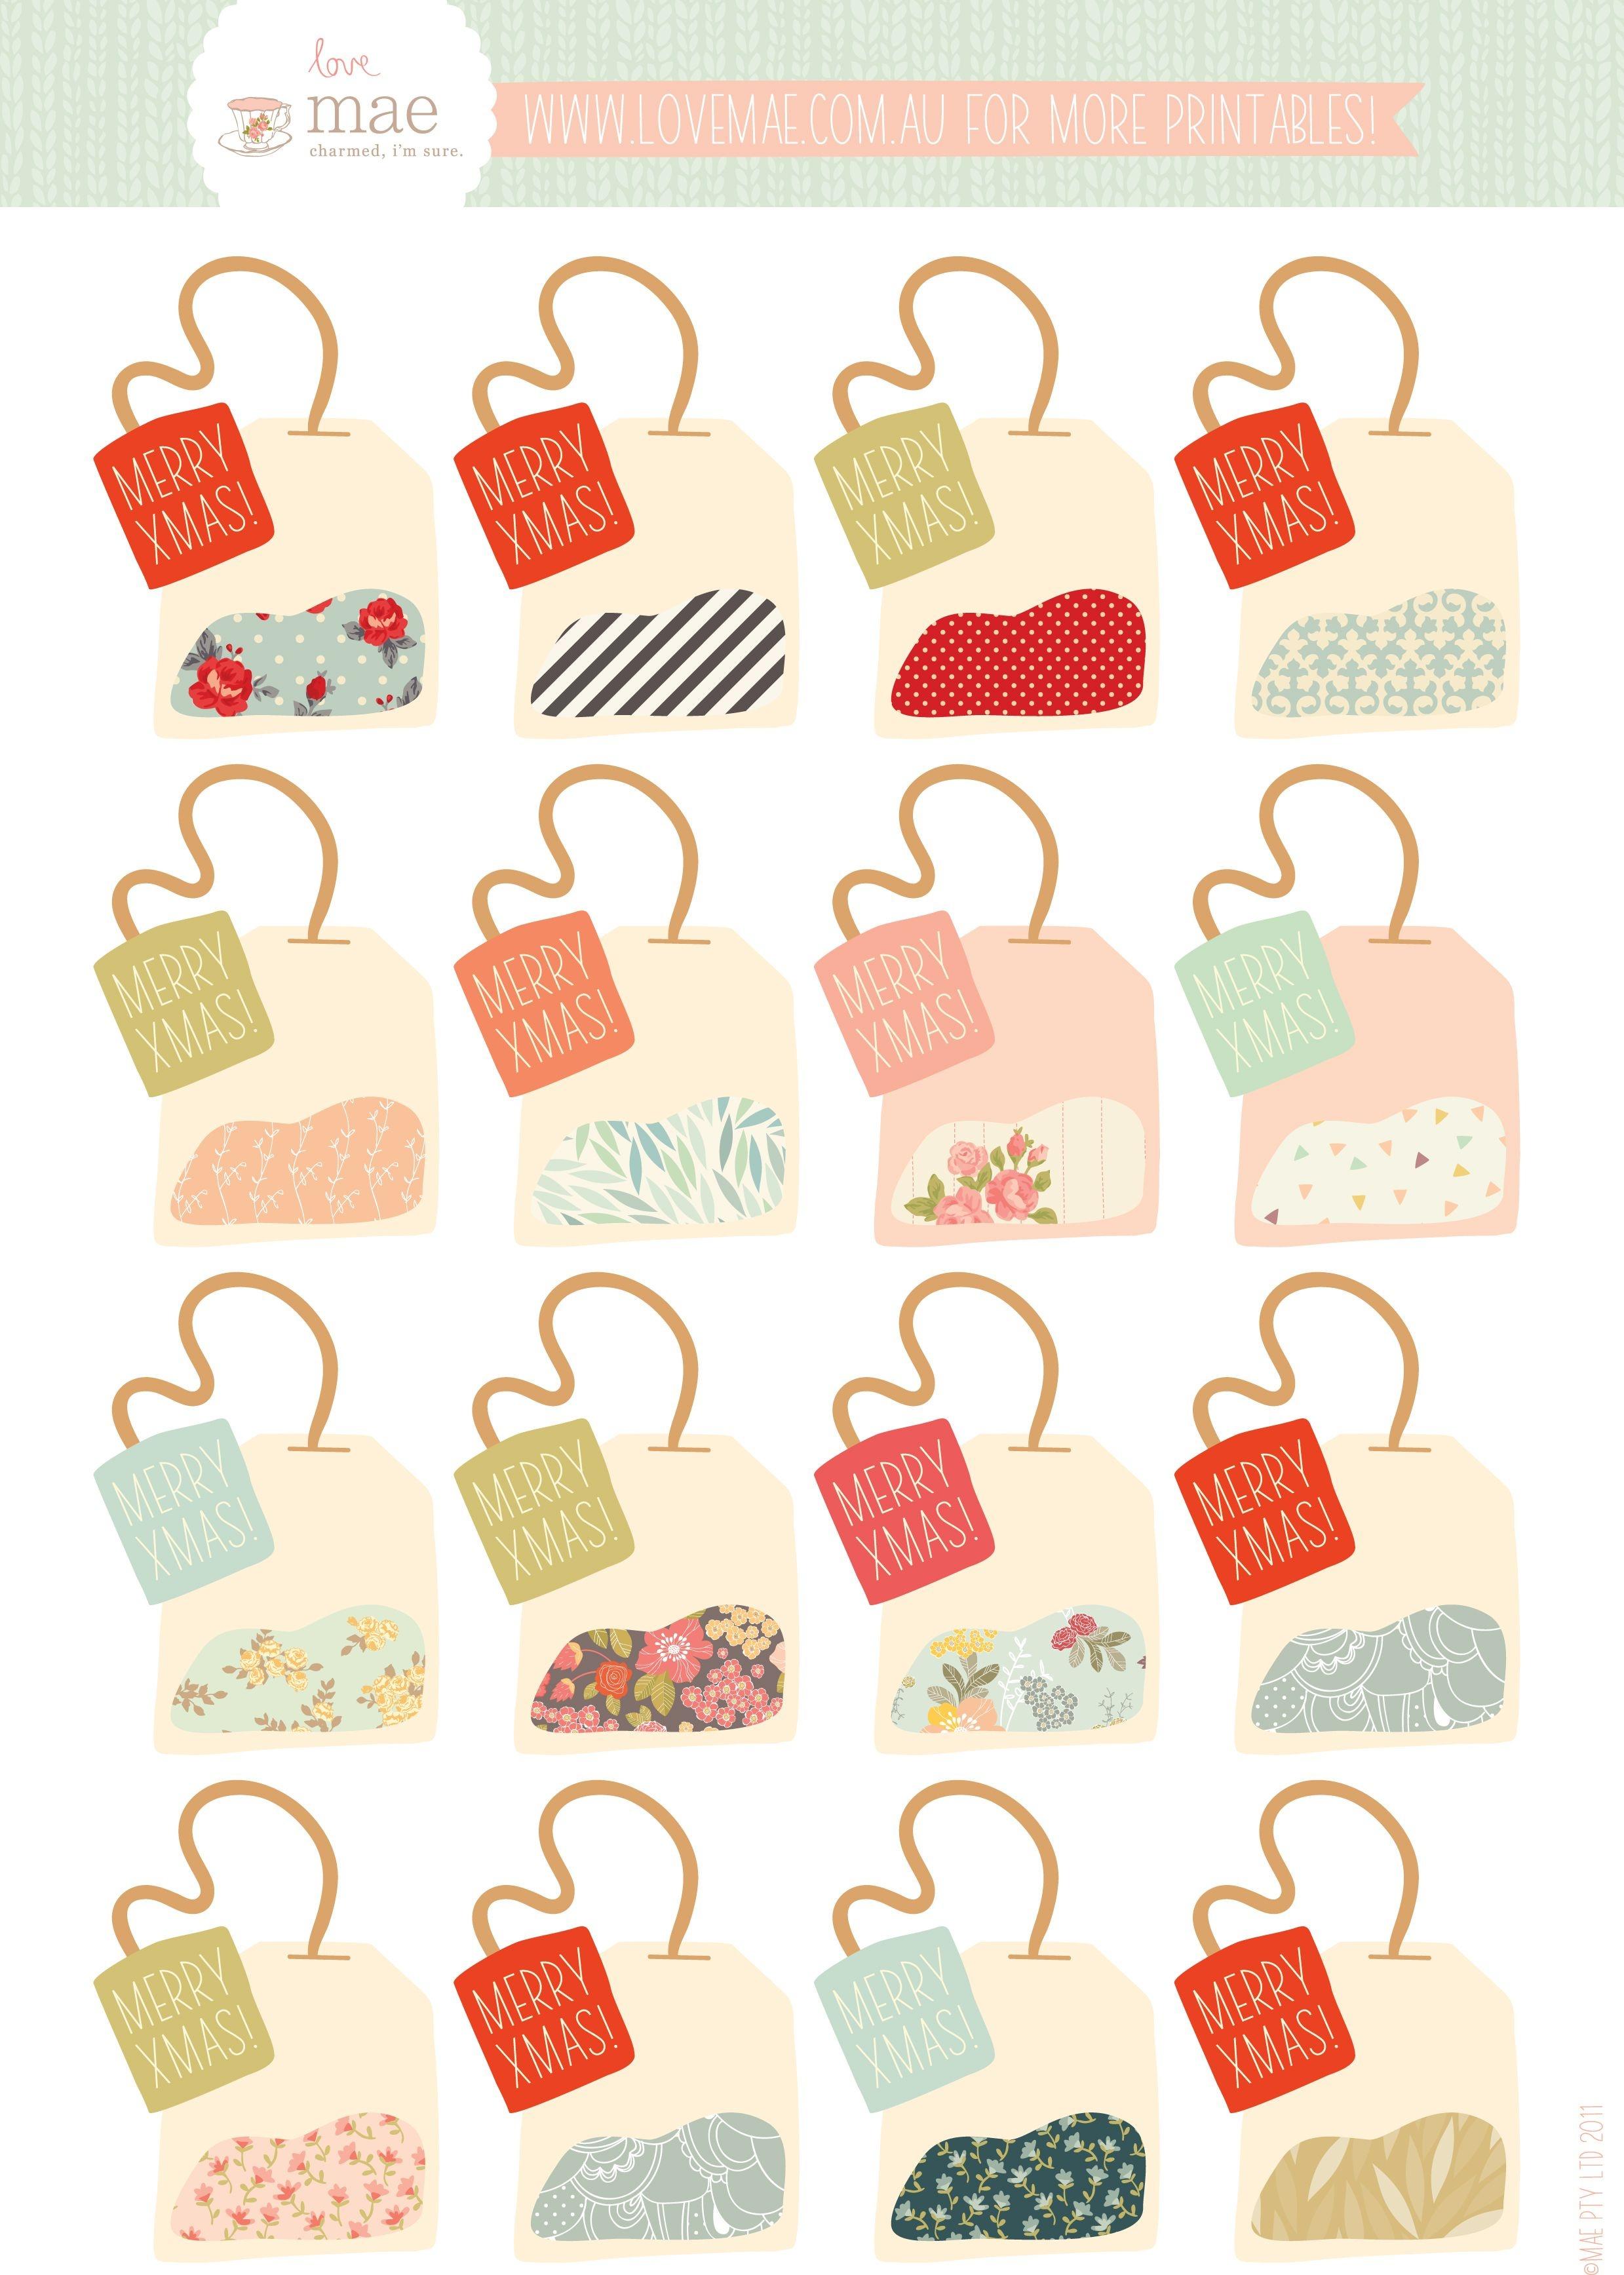 Free Printable Tea Bag Gift Tags (If Only It Didn't Say Xmas - Free Printable Goodie Bag Tags